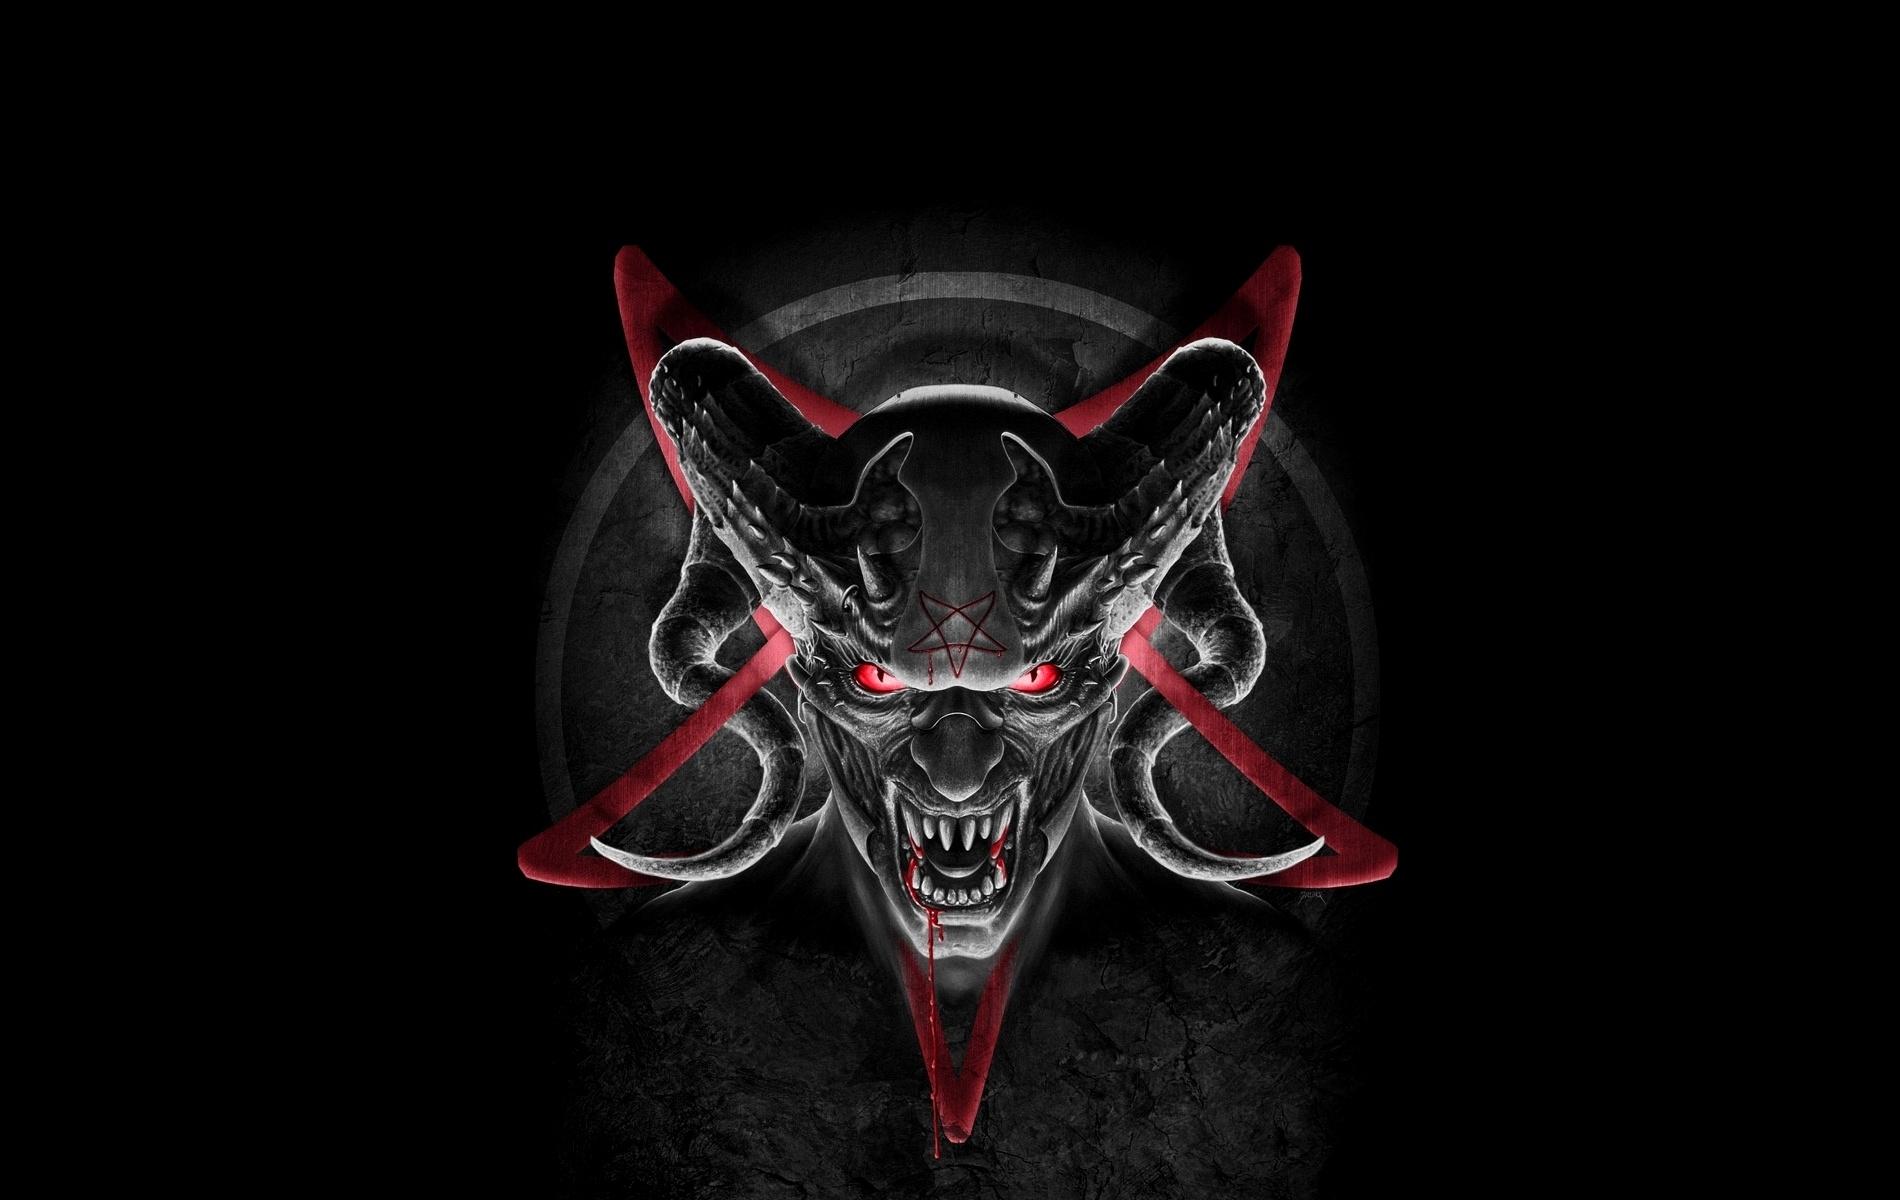 66 Satanic Pentagram Wallpaper On Wallpapersafari